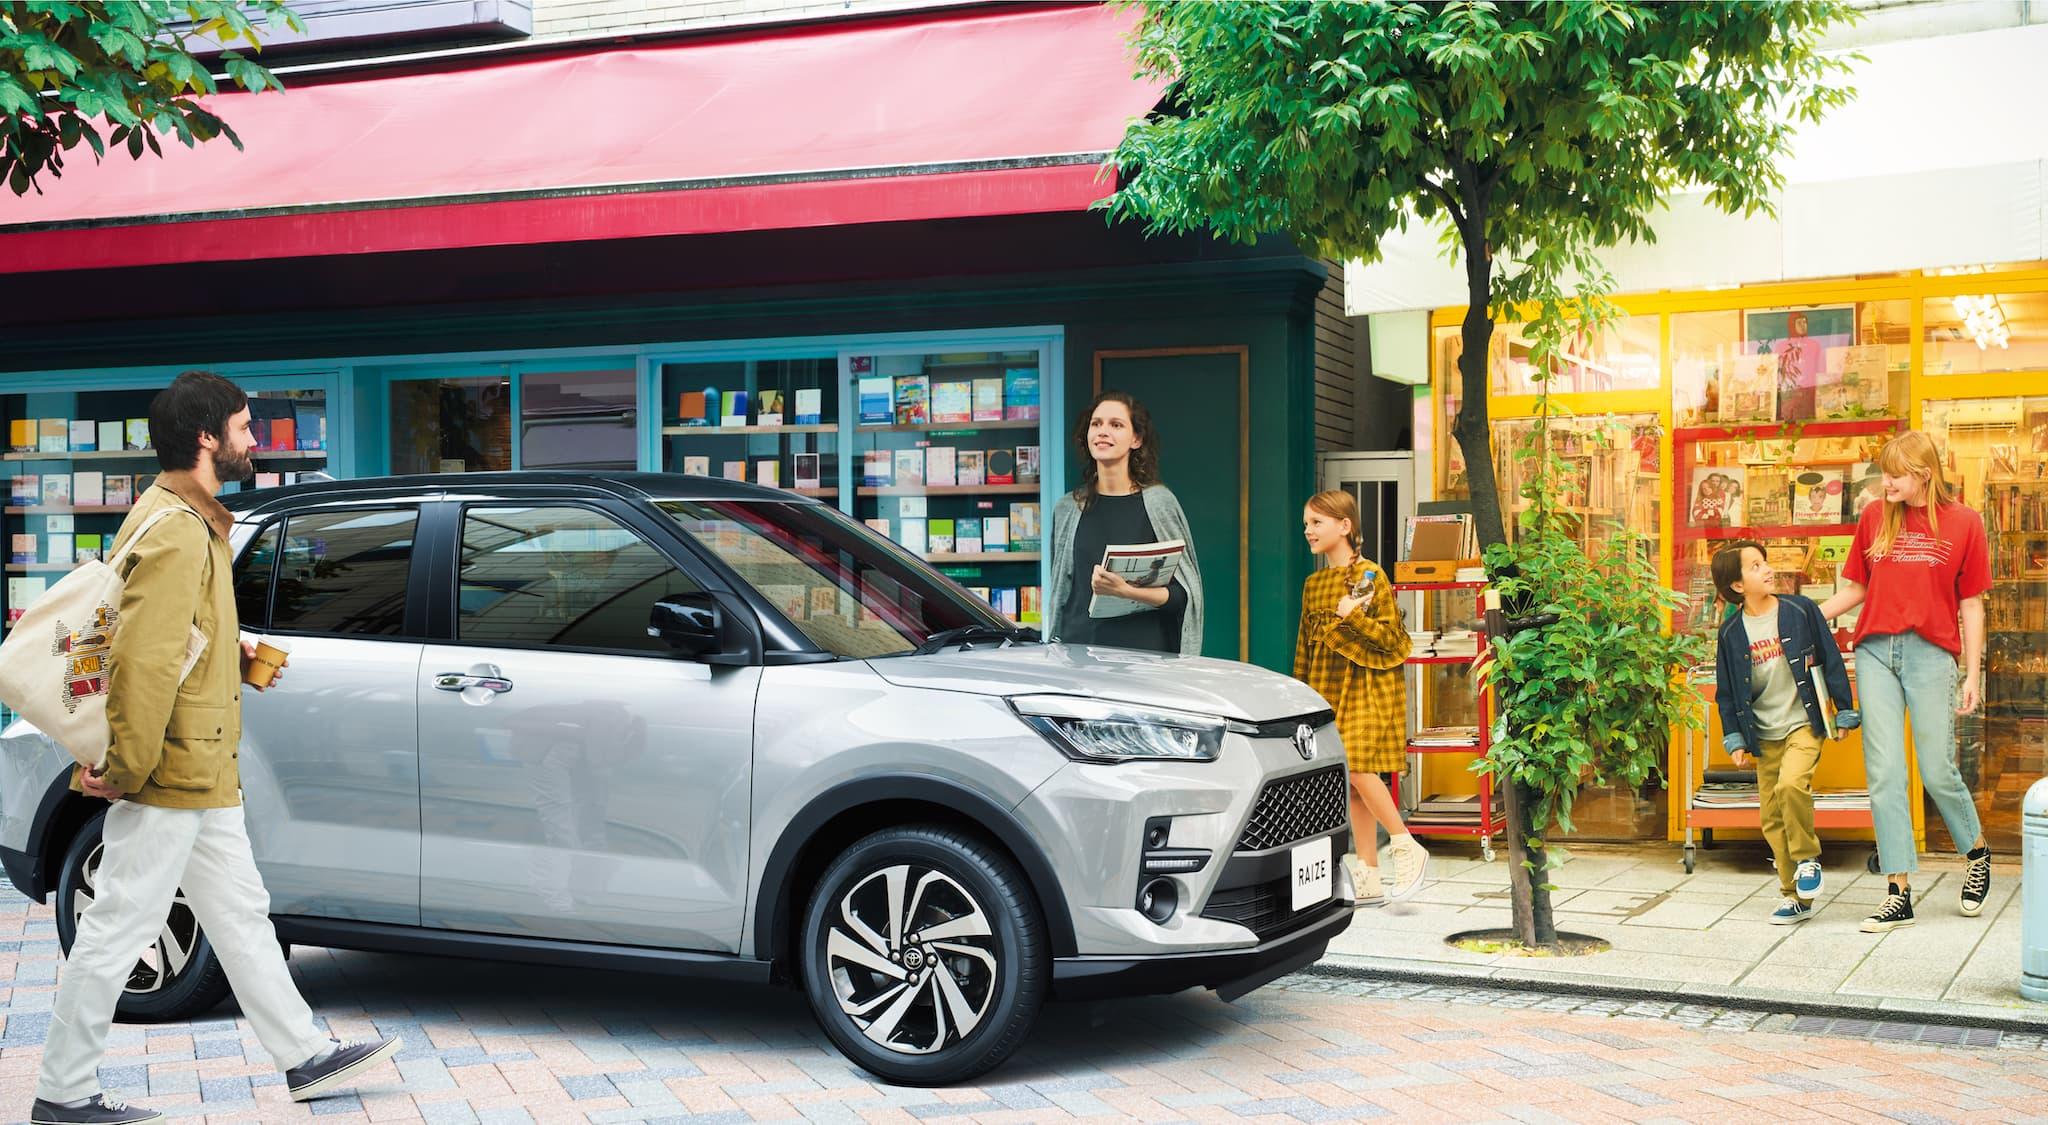 販売好調のライズを徹底レビュー販売好調!若者に人気のトヨタ新型コンパクトSUV